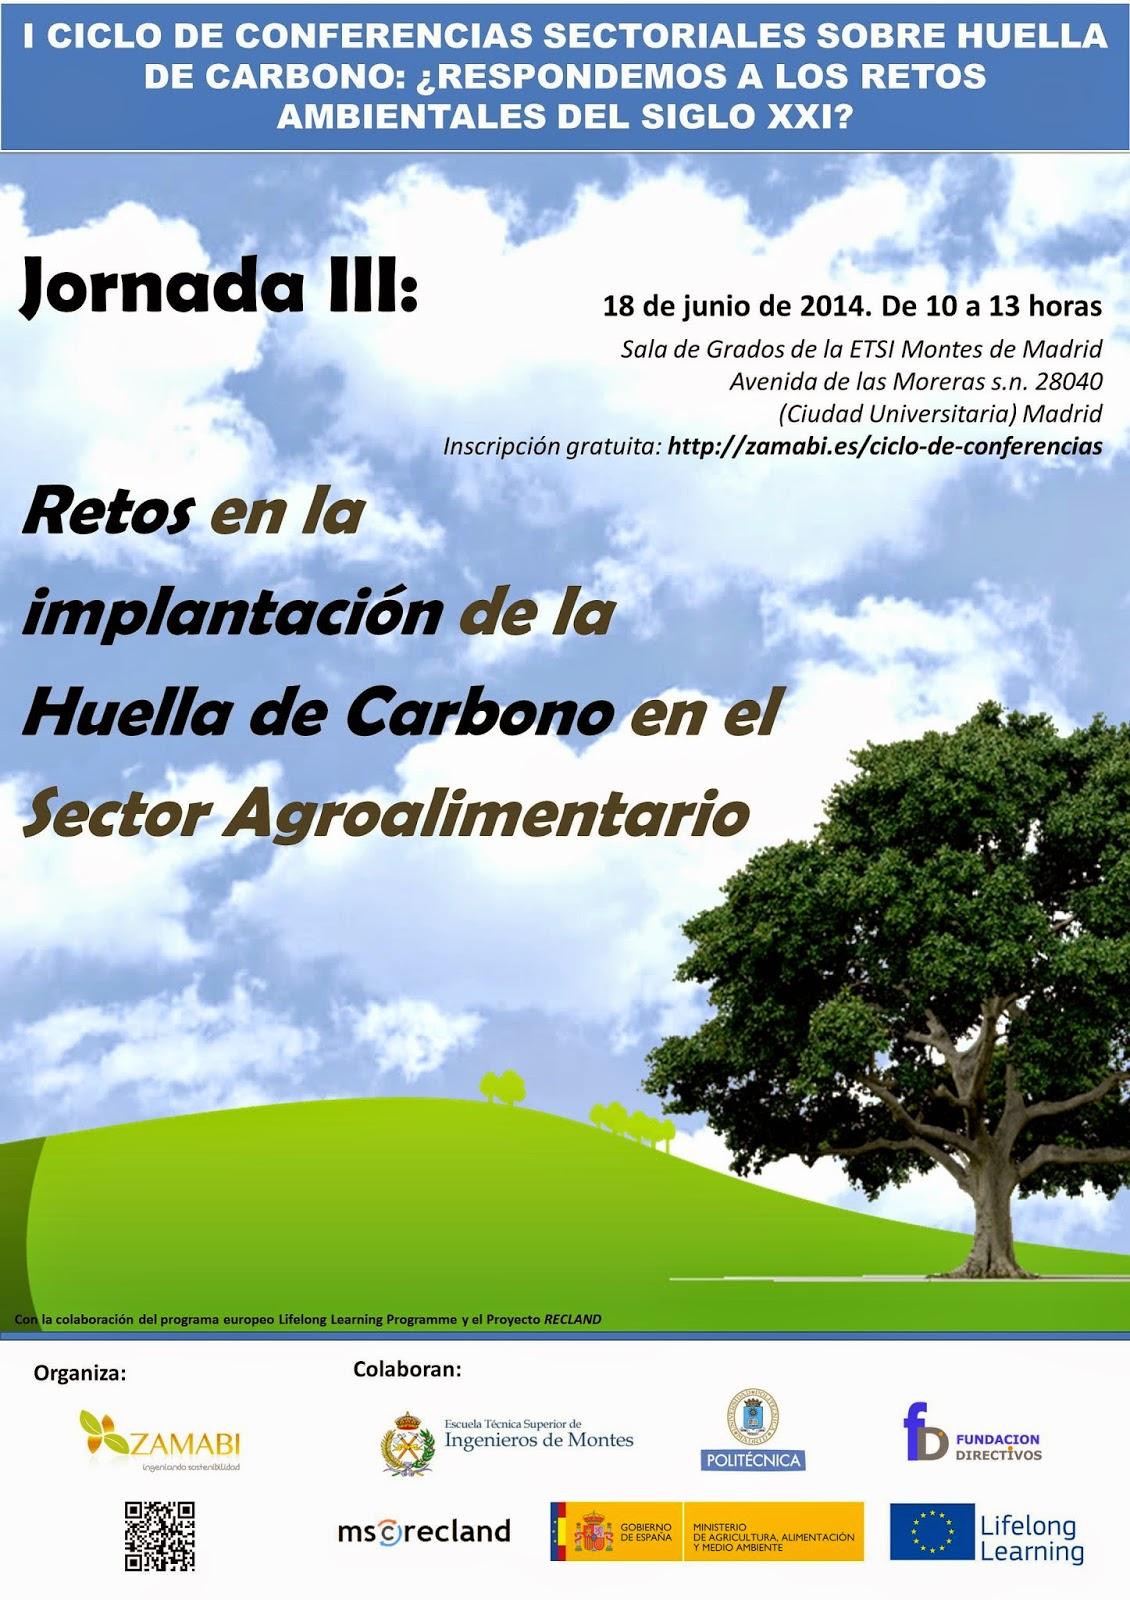 http://zamabi.es/ciclo-de-conferencias/